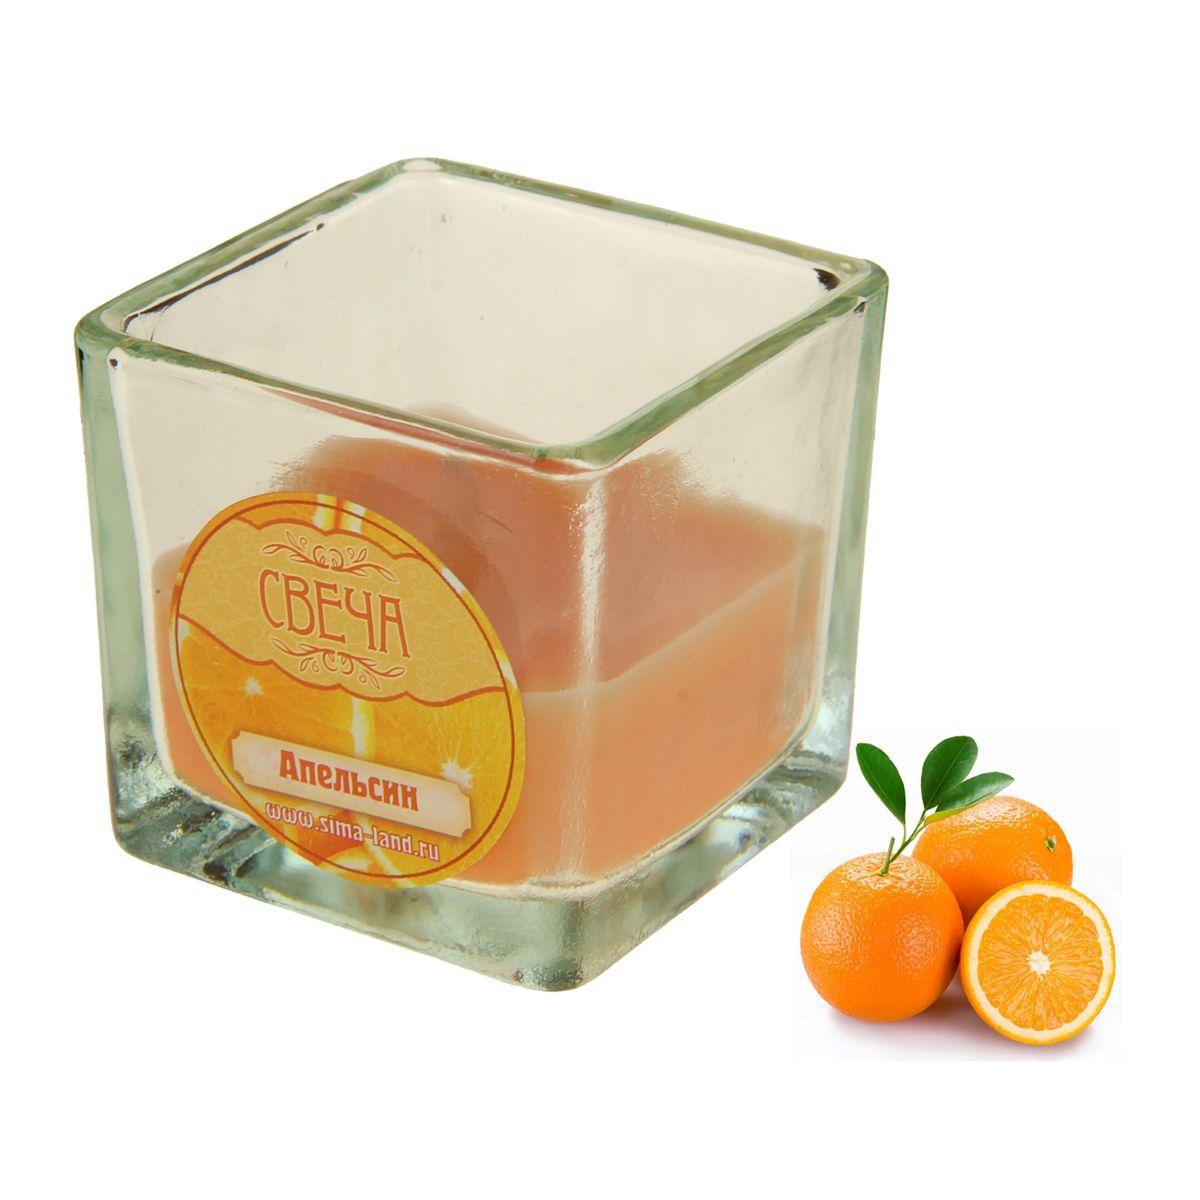 Свеча ароматизированная Sima-land Апельсин, высота 5 см853443Ароматизированная свеча Sima-land Апельсин изготовлена из воска и расположена в стеклянном стакане. Изделие отличается оригинальным дизайном и приятным ароматом. Такая свеча может стать отличным подарком или создаст незабываемую атмосферу праздника в вашем доме.